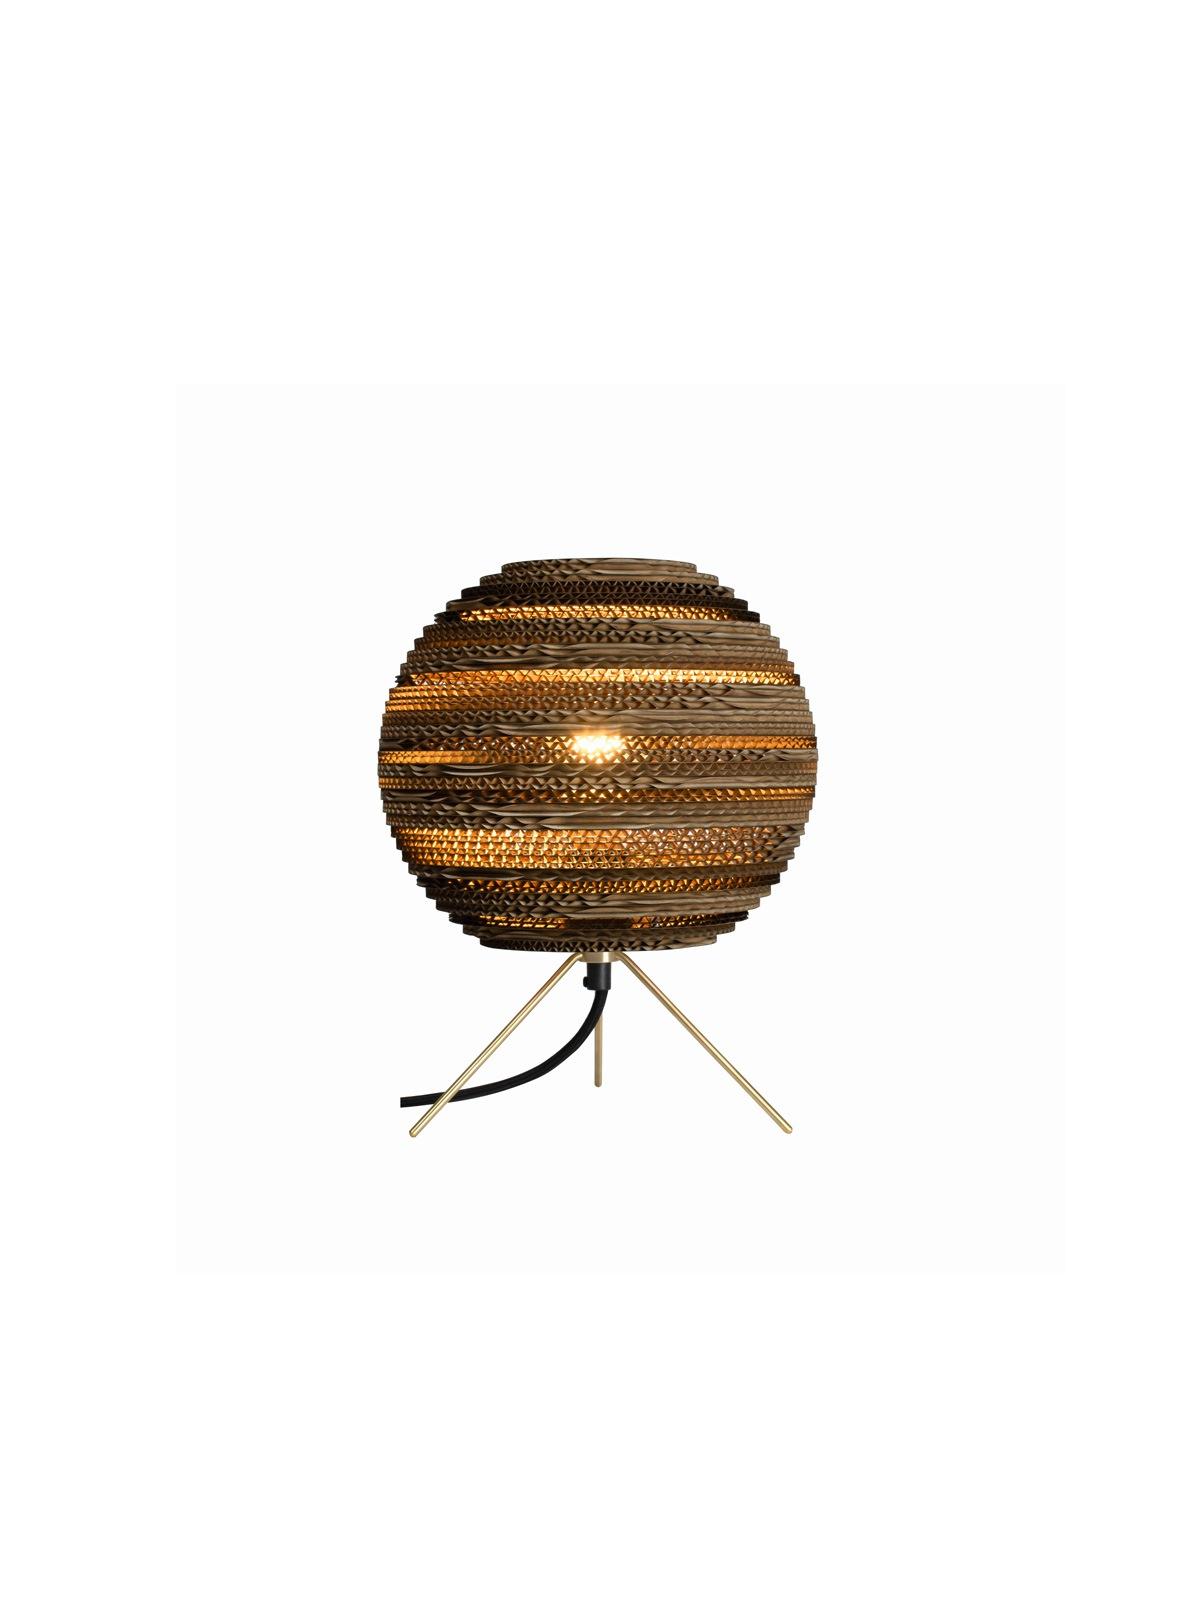 Moon Table Natur Tischlampe Graypants Pappe Designort Lampen Berlin